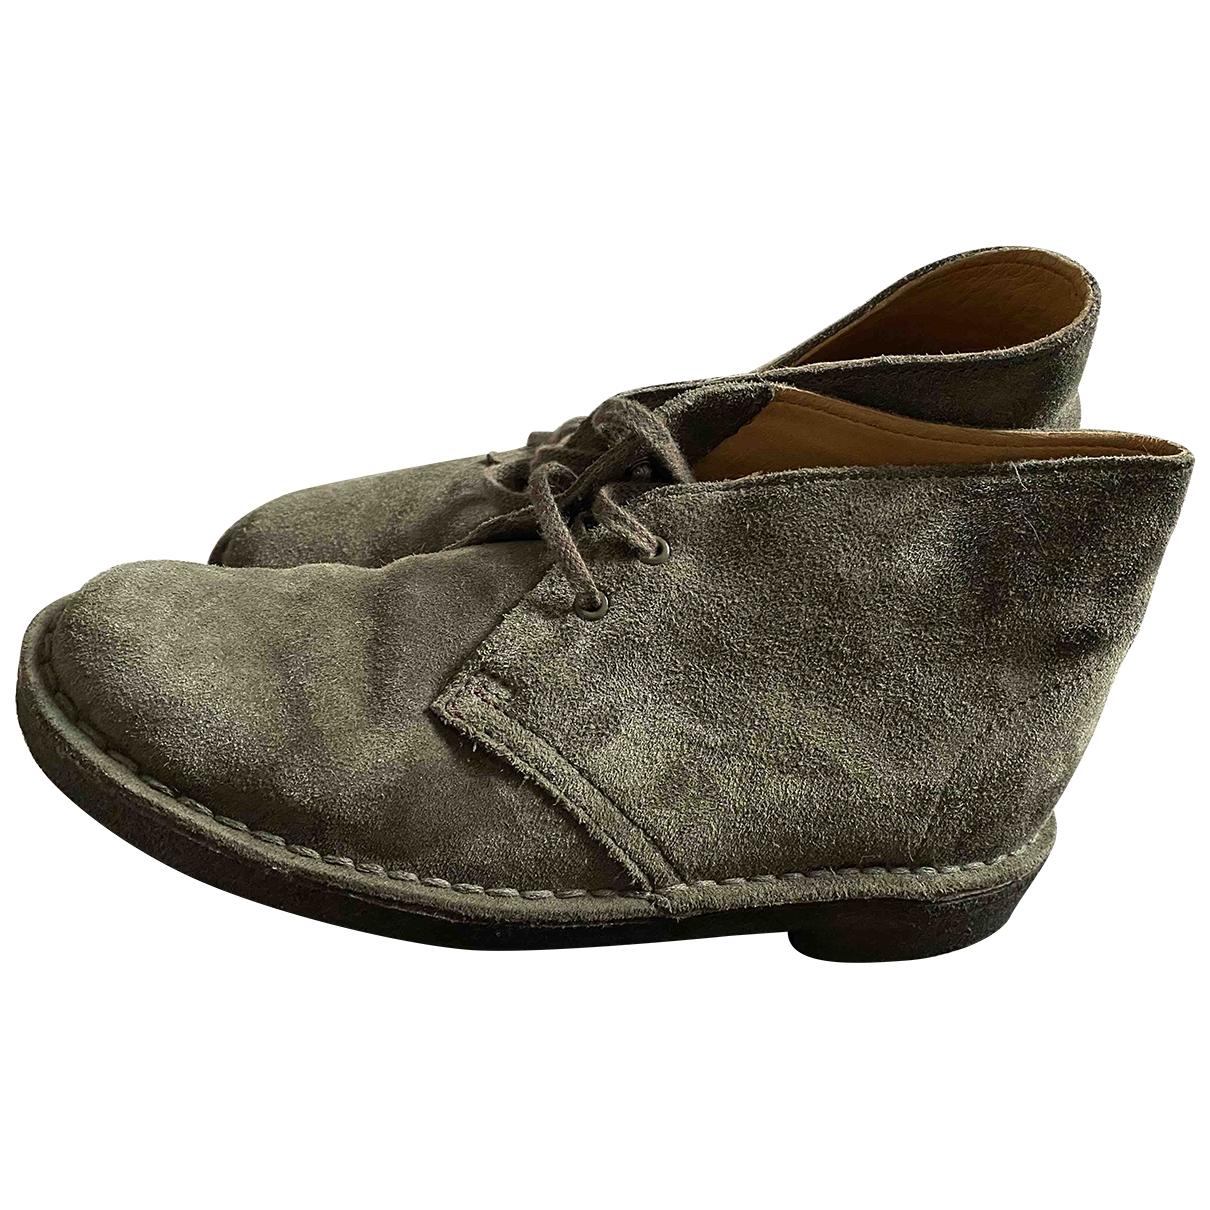 Clarks - Boots   pour femme en suede - gris